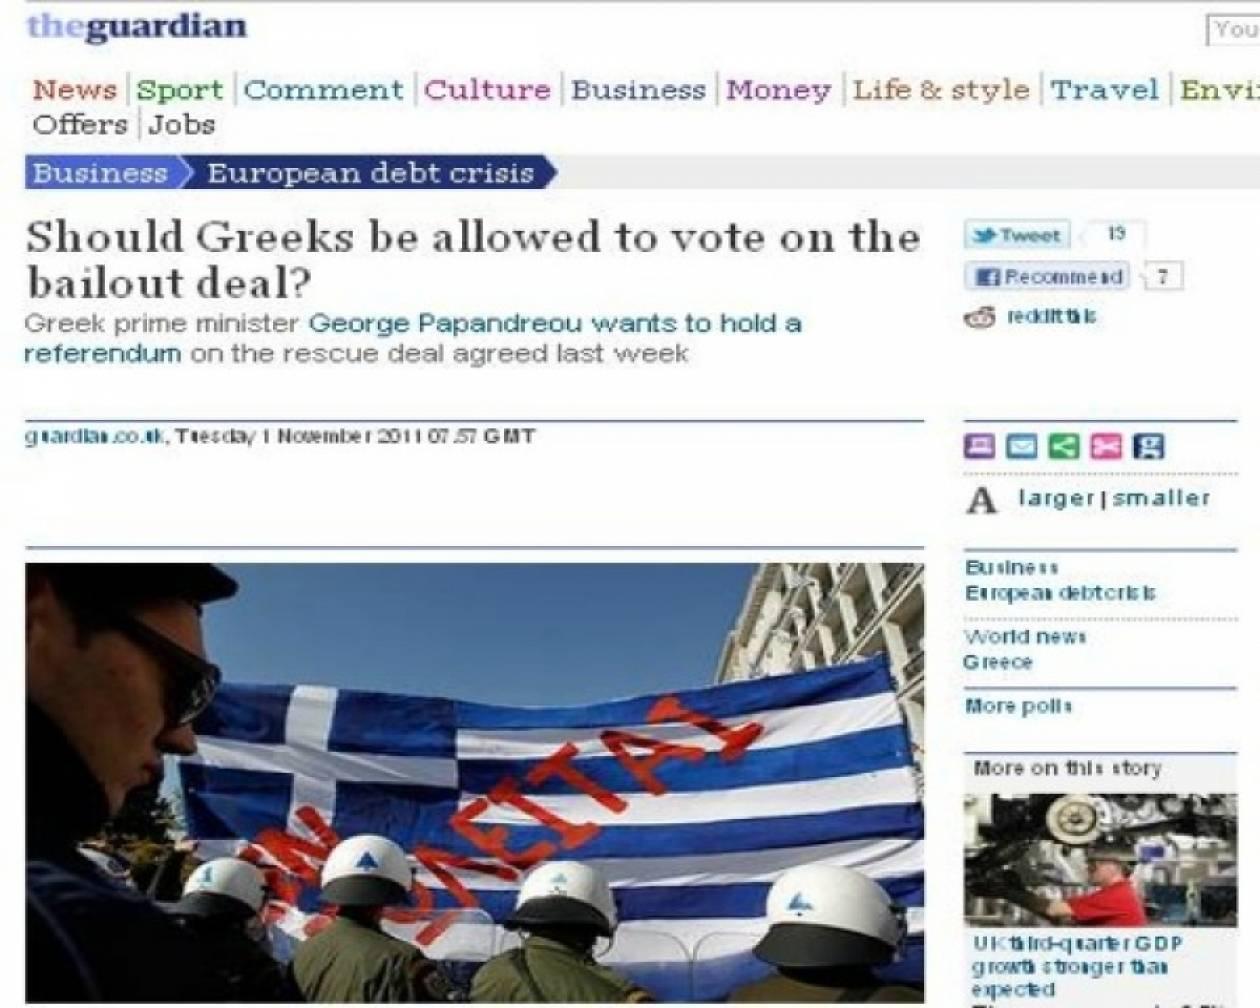 Ερώτημα -σοκ του Guardian: Να επιτραπεί στους Έλληνες να κάνουν δημοψήφισμα;